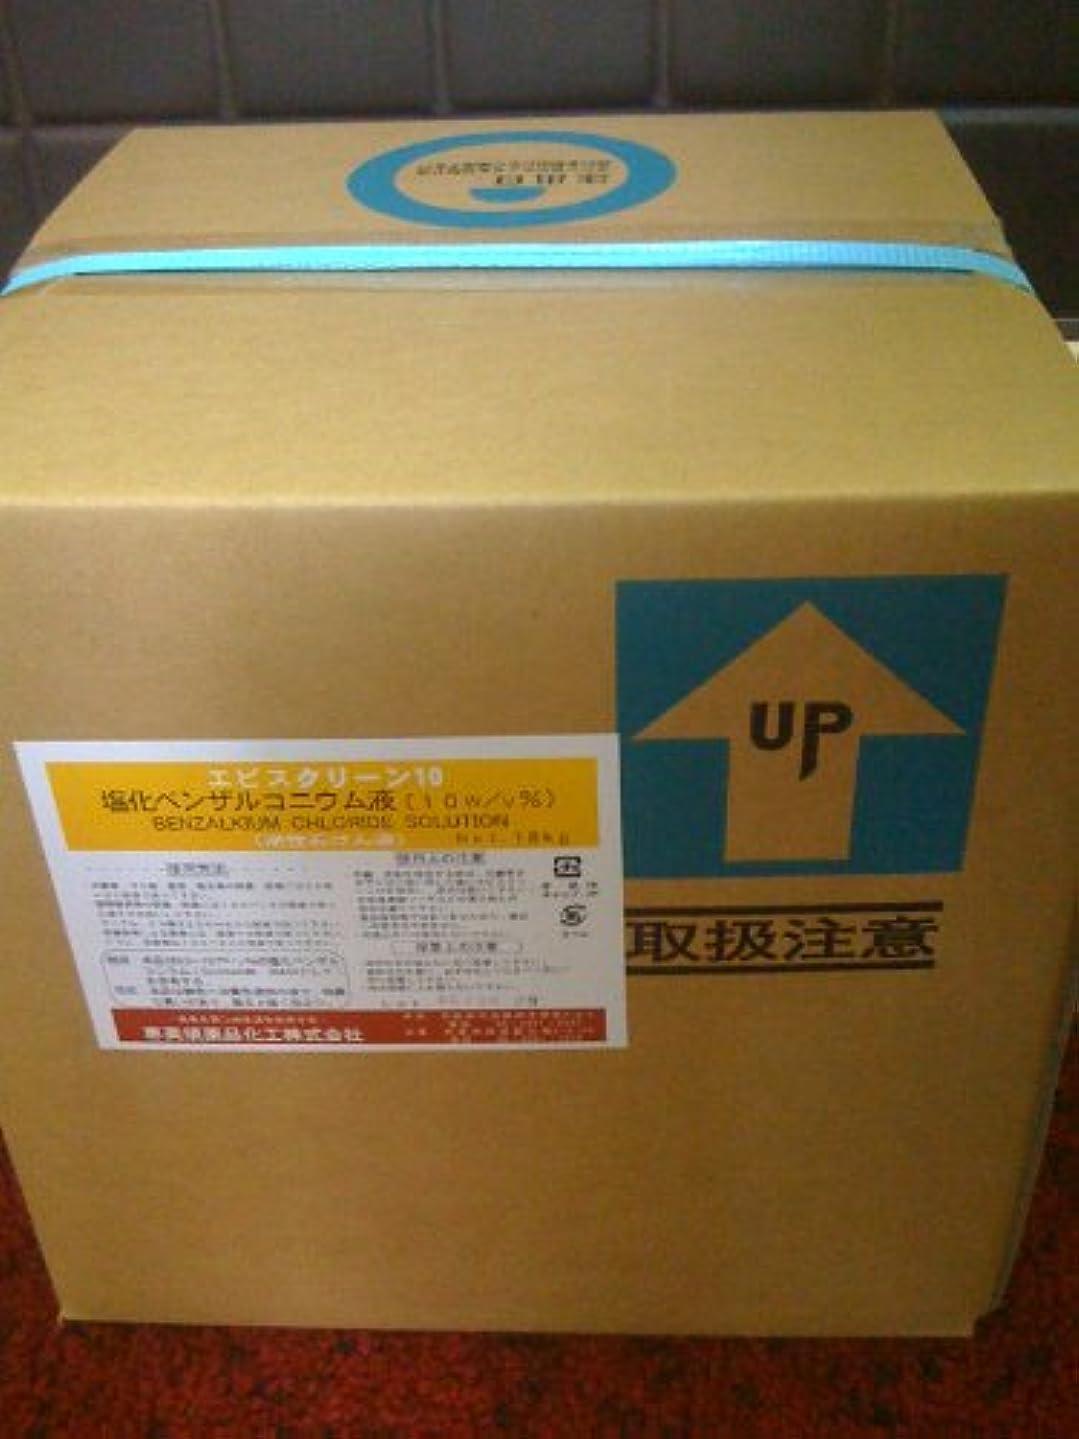 コンパニオン貼り直すシャックル塩化ベンザルコニウム液 18kg 10w/v% エビスクリーン10